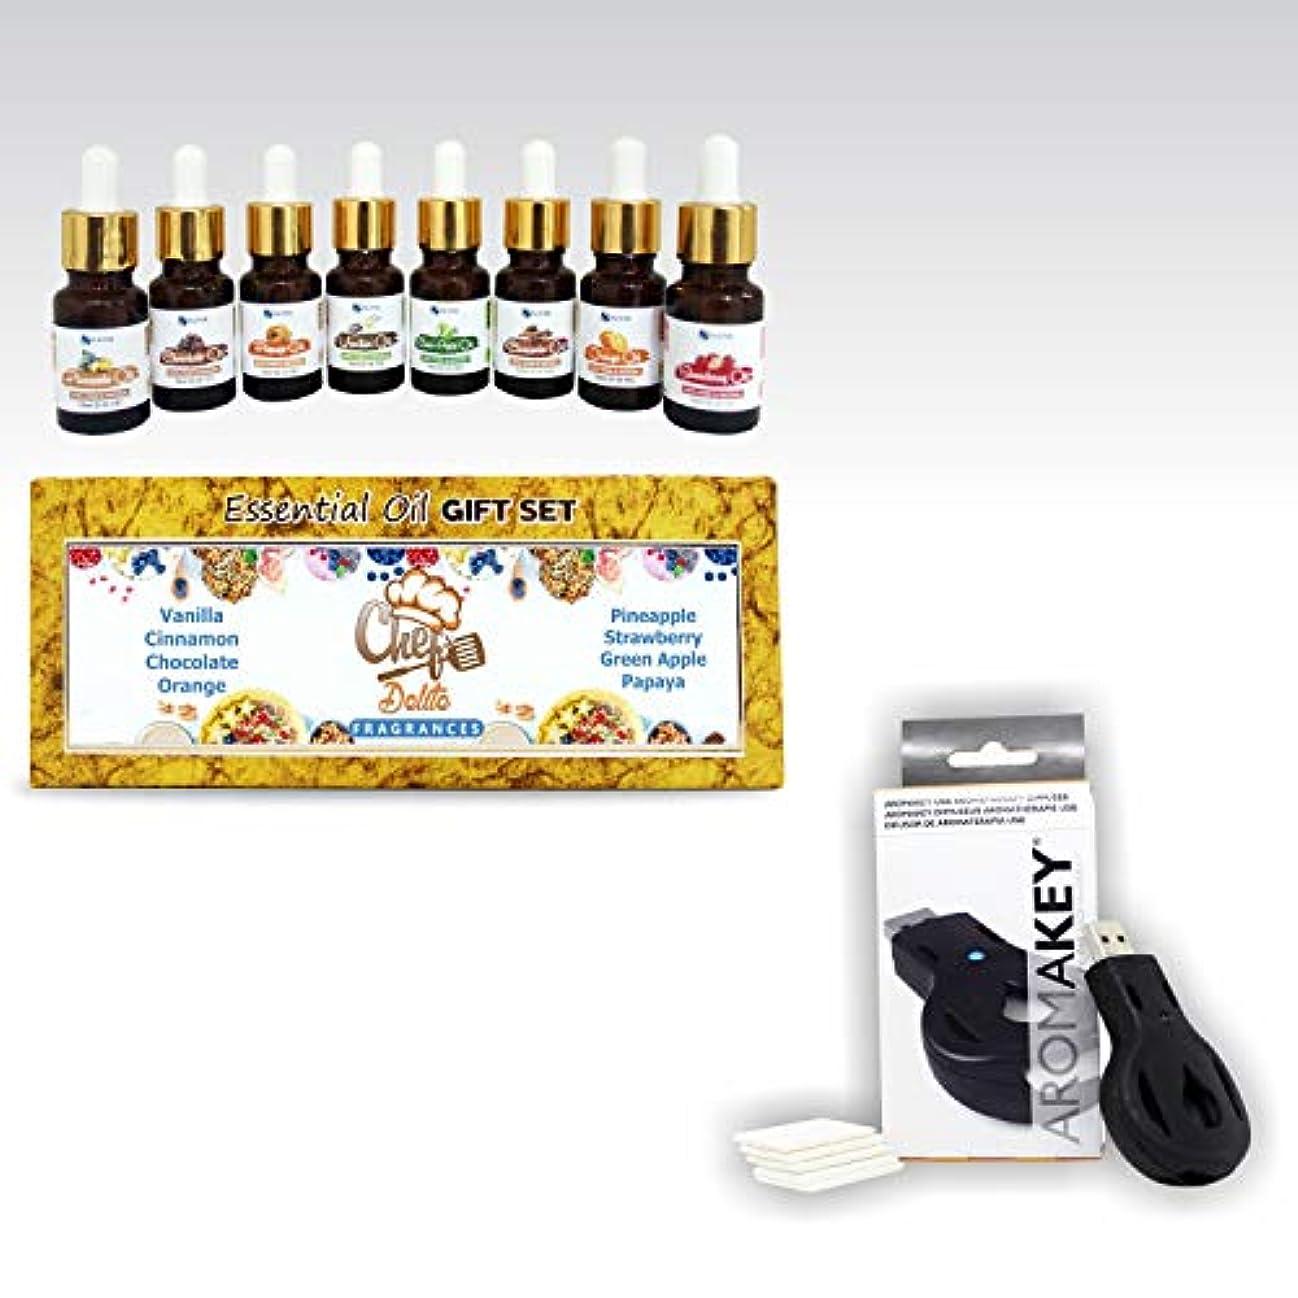 ジャンプ他の場所生物学Aromatherapy Essential Oils - Chef's Delite (Pack of 8) 100% Pure & Natural Plus Aromakey USB Personal Diffuser...